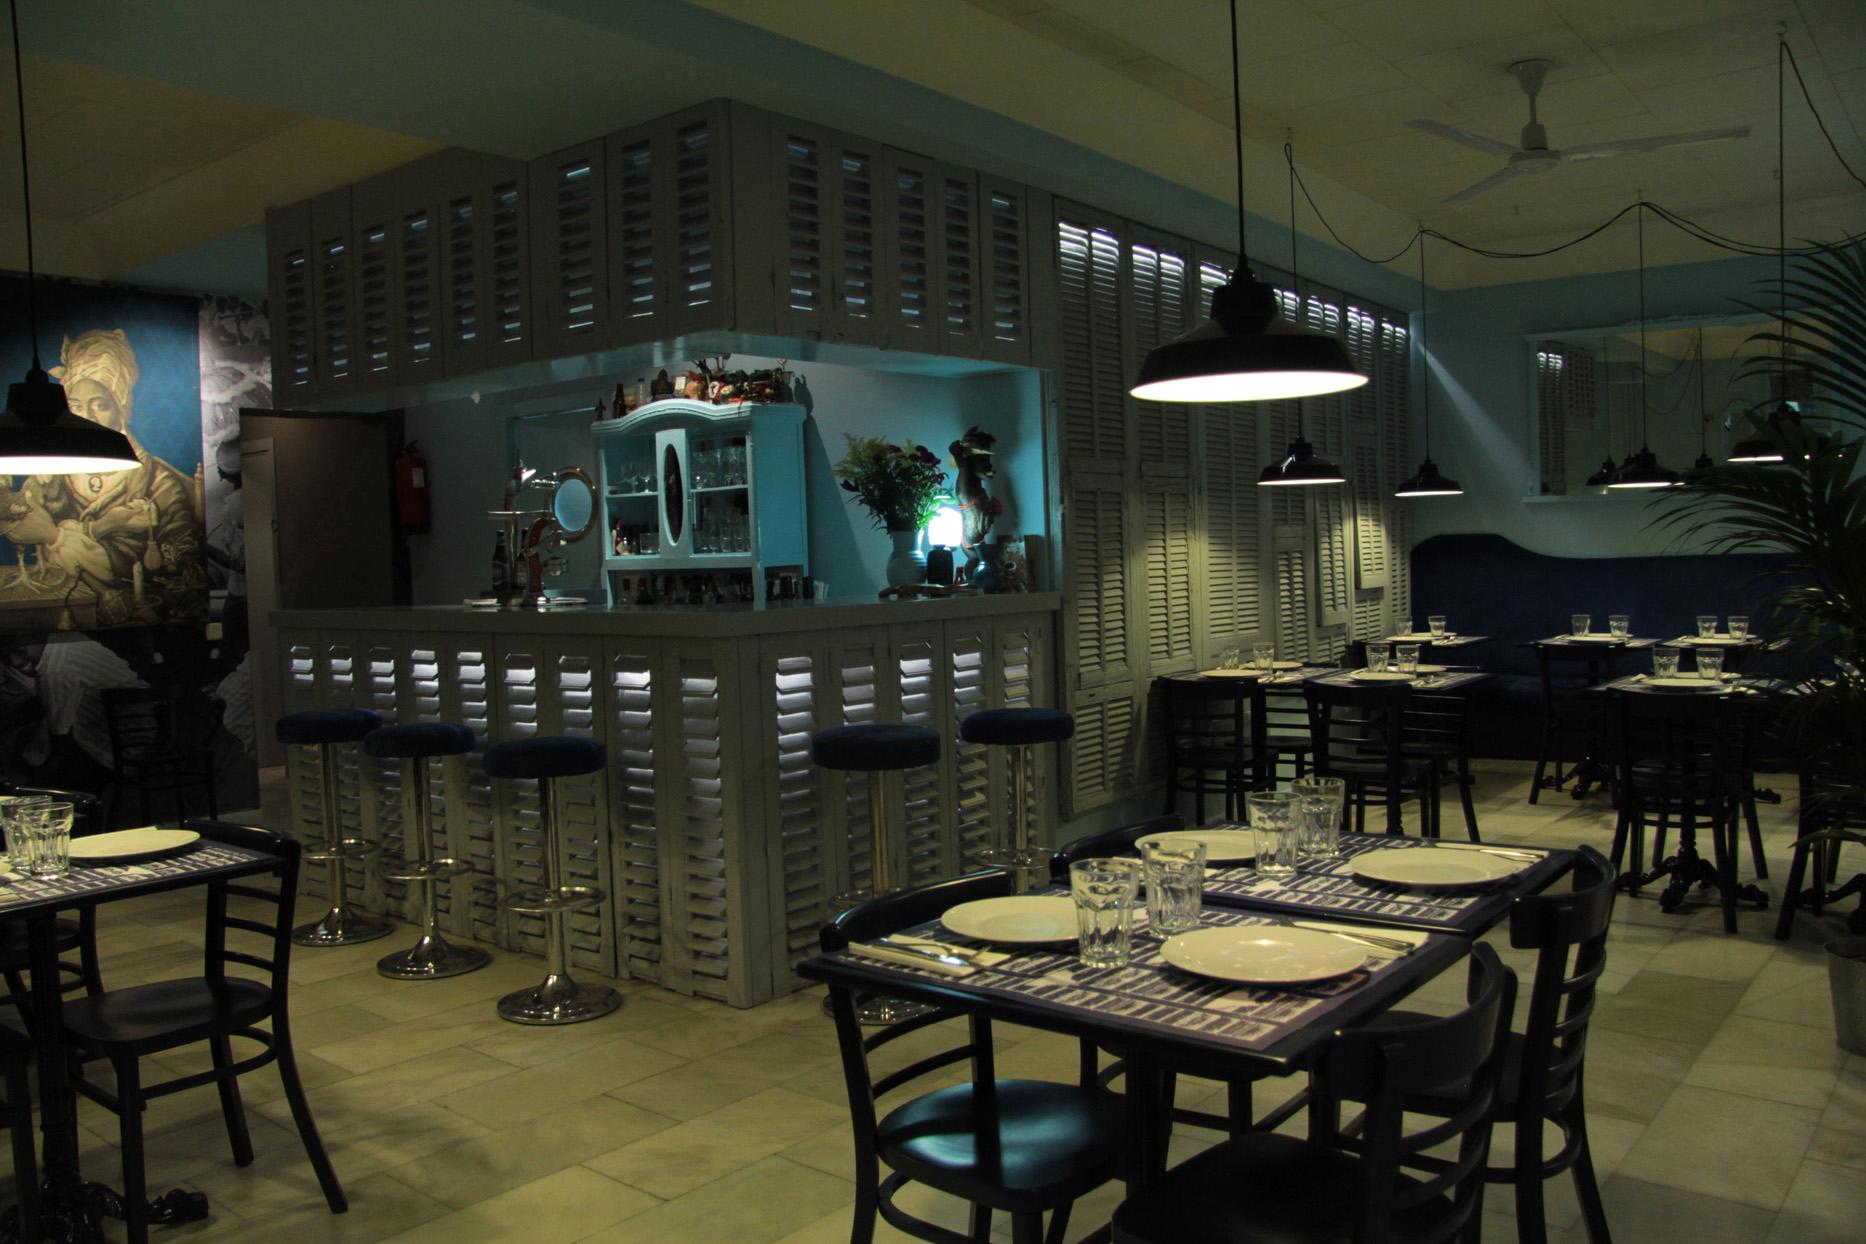 restaurante-gumbo-new-orleans-cajun-galeria-9